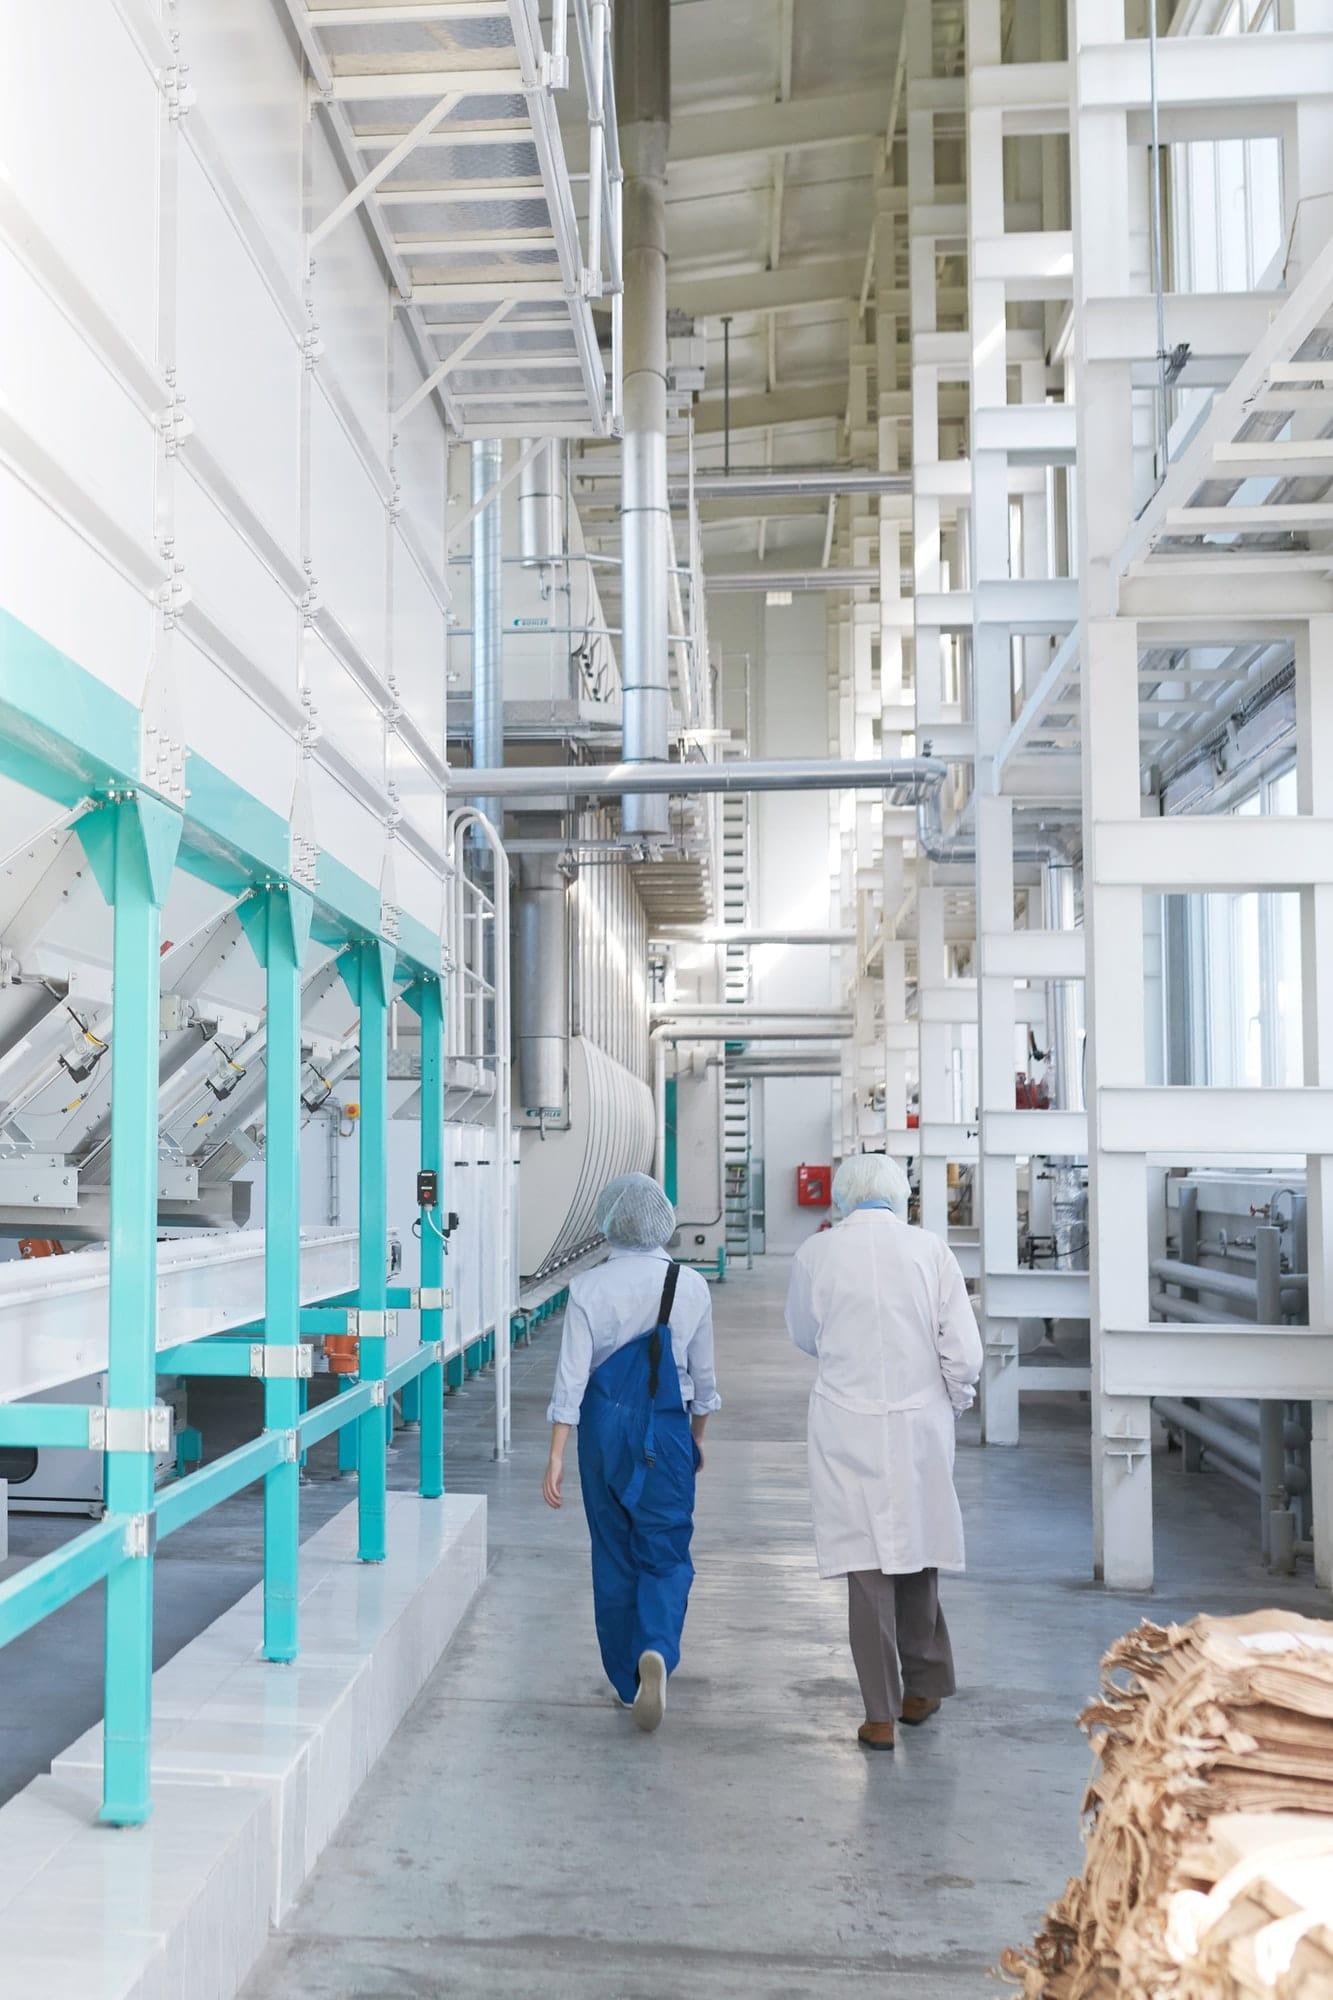 Workers Crossing Modern Workshop